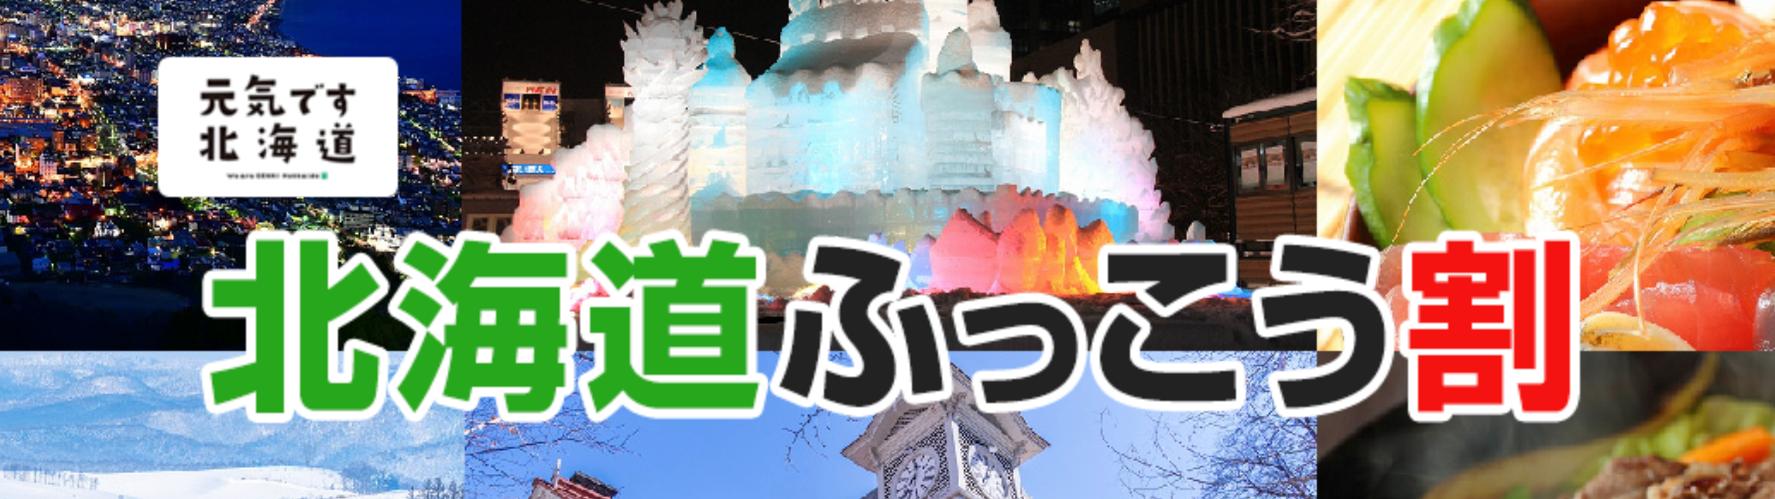 日本旅行の北海道のふっこう割・ふるさと割クーポン